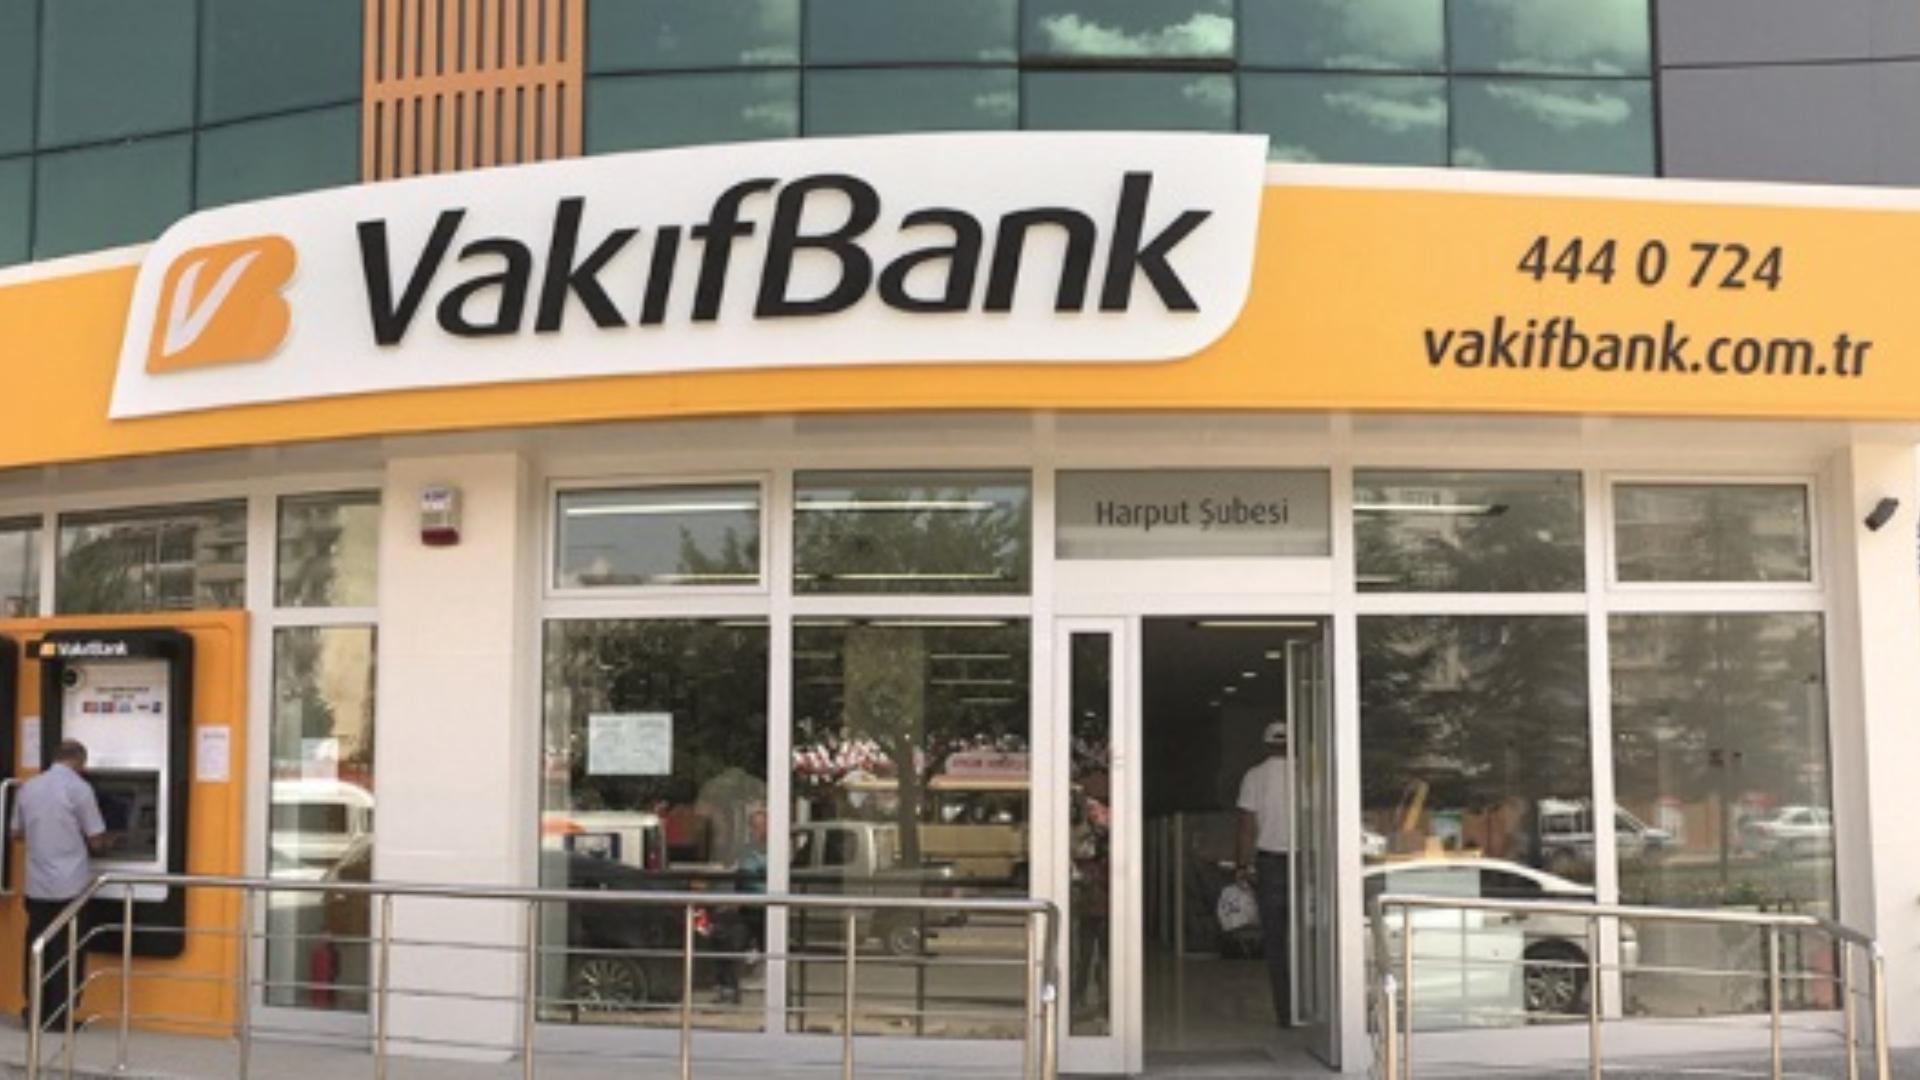 vakifbank-canli-destek-uygulamasi-ile-hayati-kolaylastiriyor